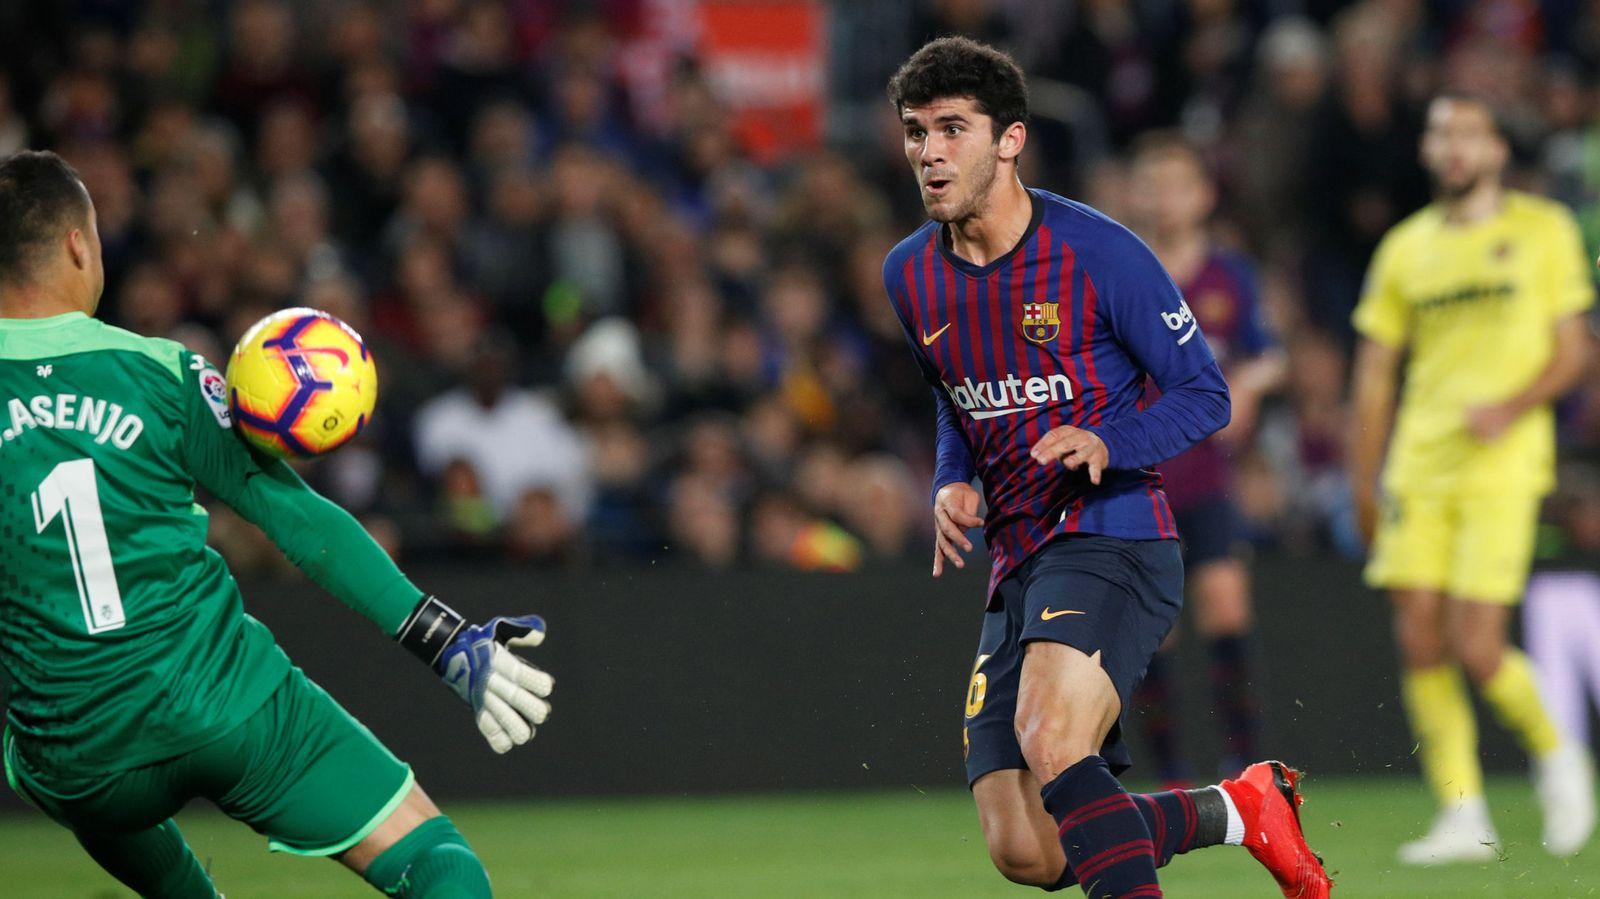 Foto: La liga santander - barcelona v villarreal